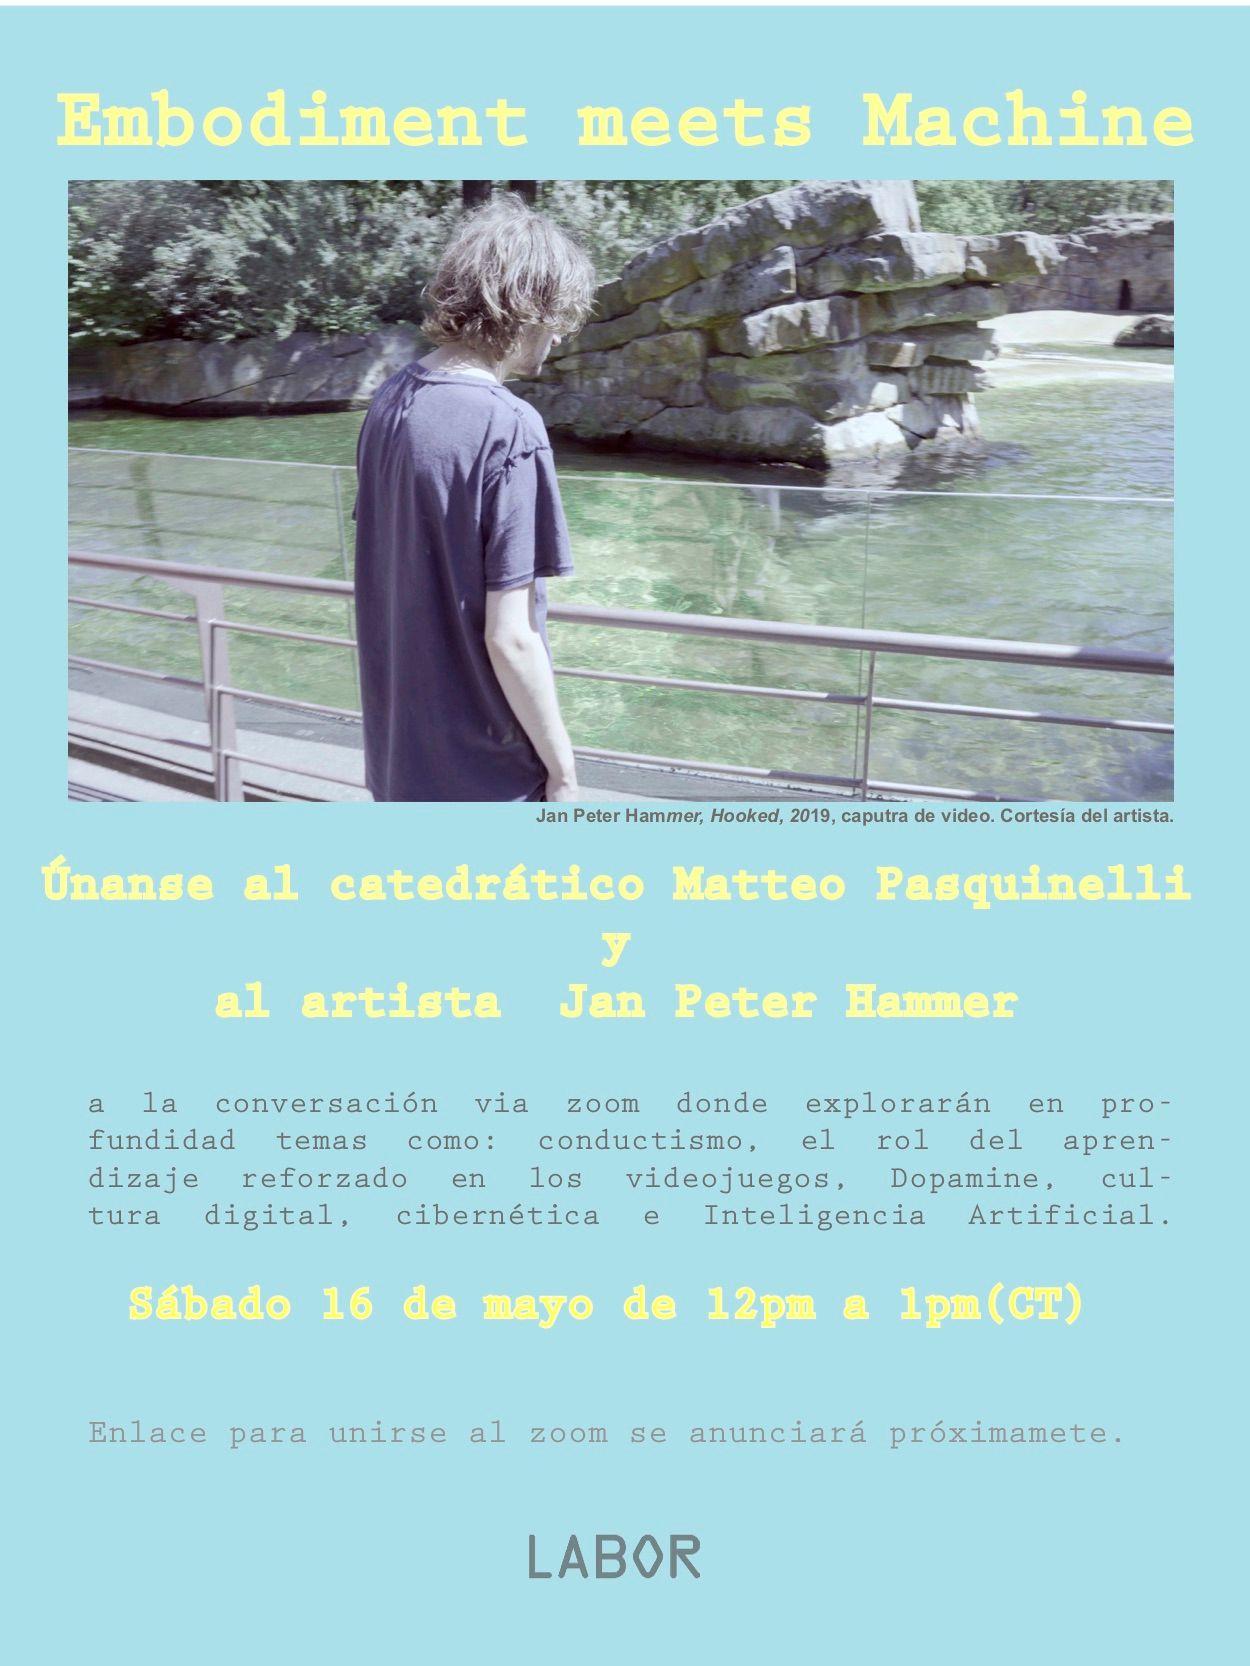 Embodiment meets Machine| Conversación en ZOOM con Matteo Pasquinelli y Jan Peter Hammer